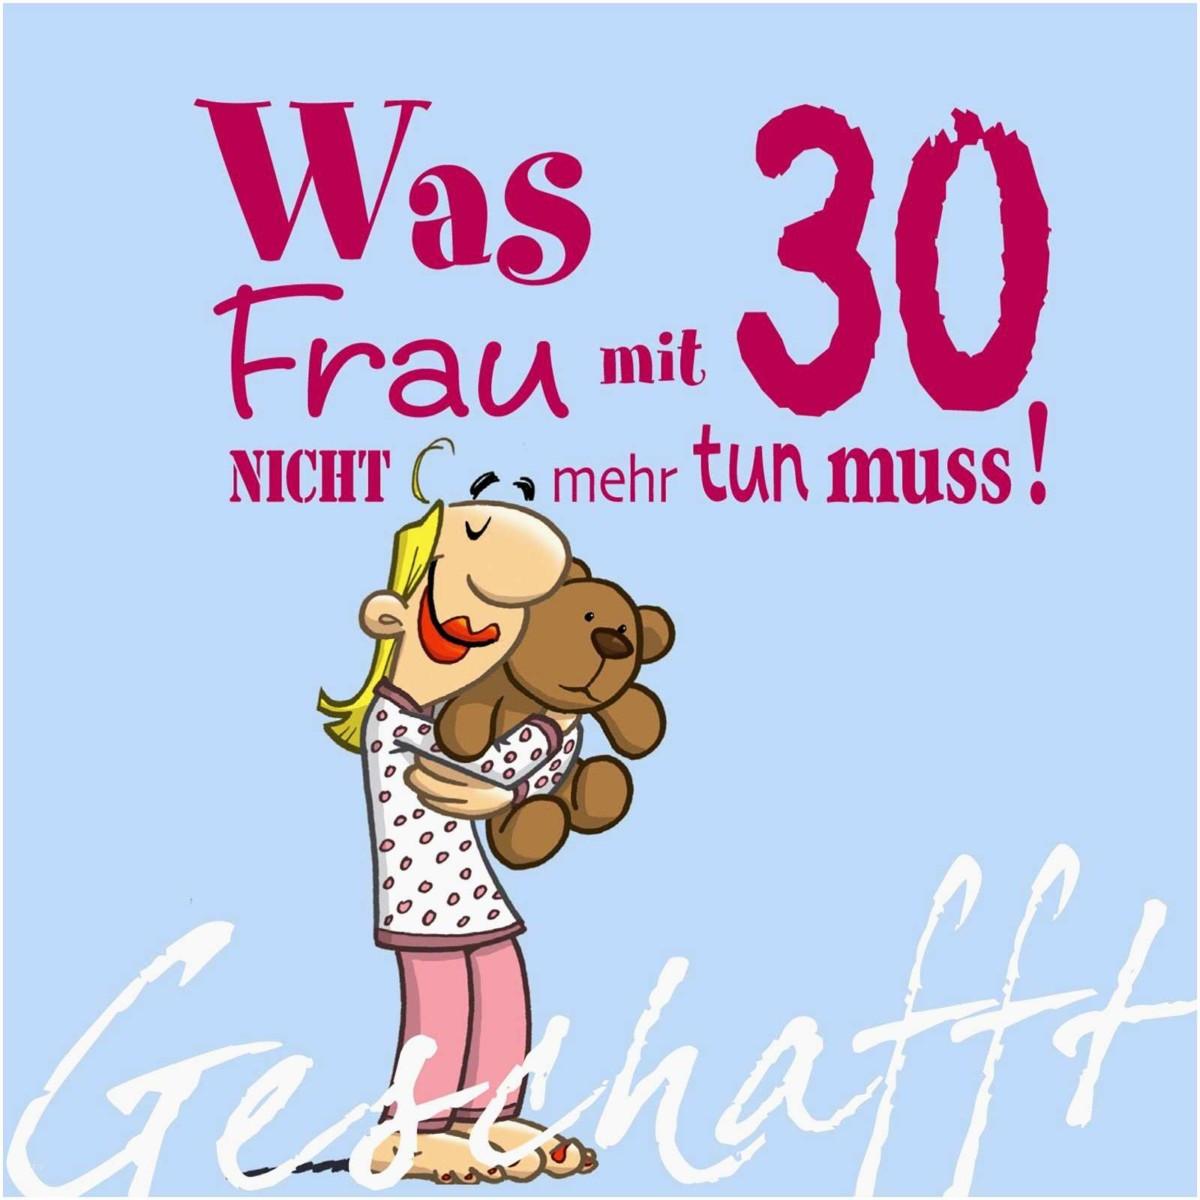 Geburtstagswünsche 30  geburtstag 30 frau spruch Fabelhaft Alles Gute Zum 30